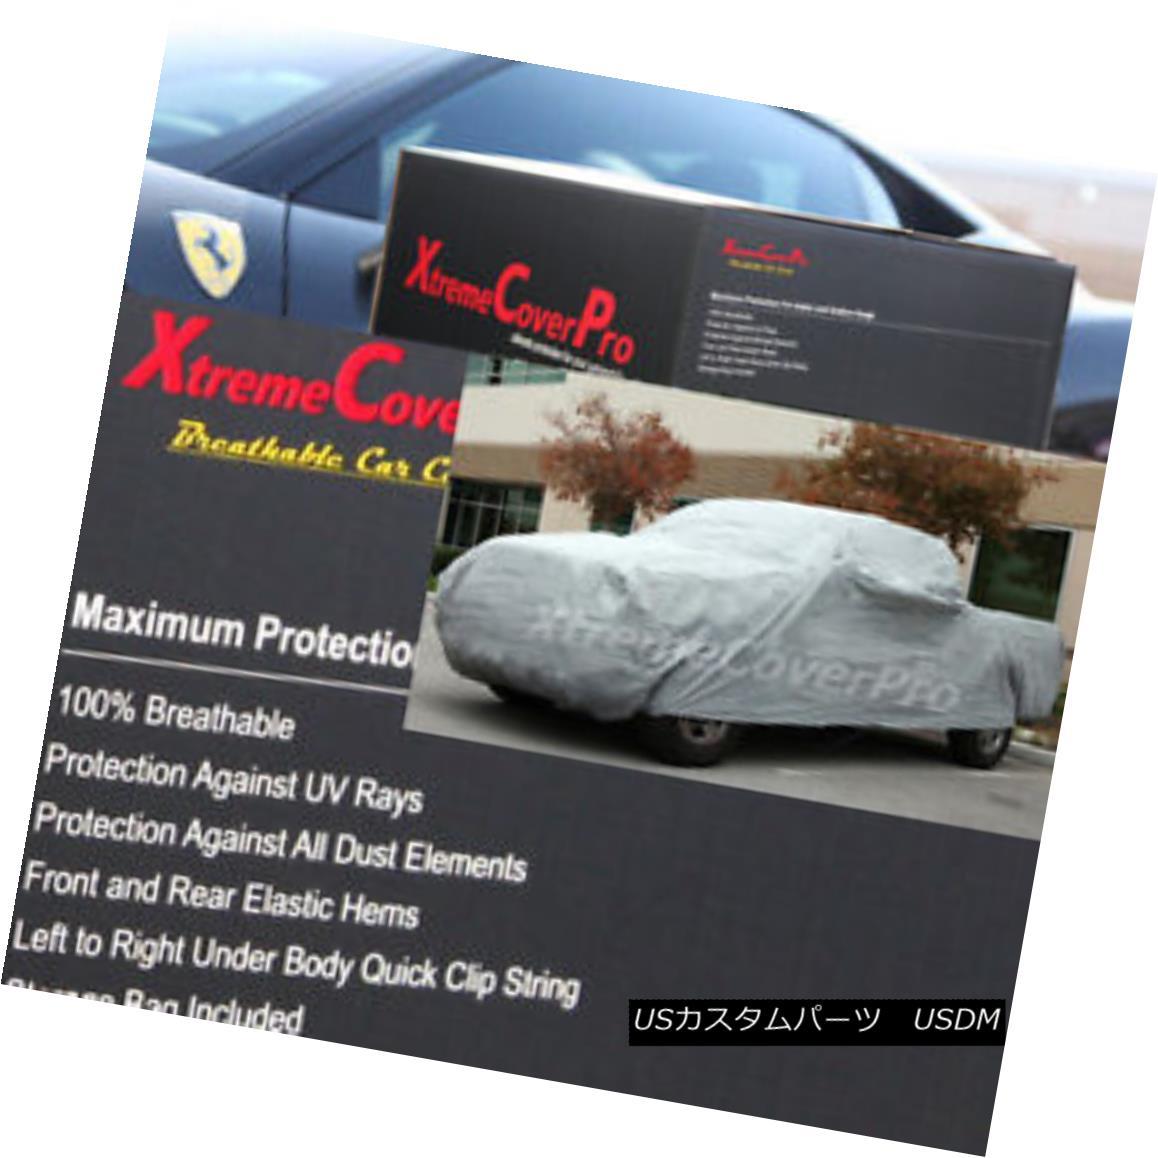 カーカバー 2010 2011 2012 Ram 3500 Mega Cab 6.5ft bed Breathable Truck Cover 2010 2011 2012 Ram 3500メガキャブ6.5ftベッド通気性トラックカバー